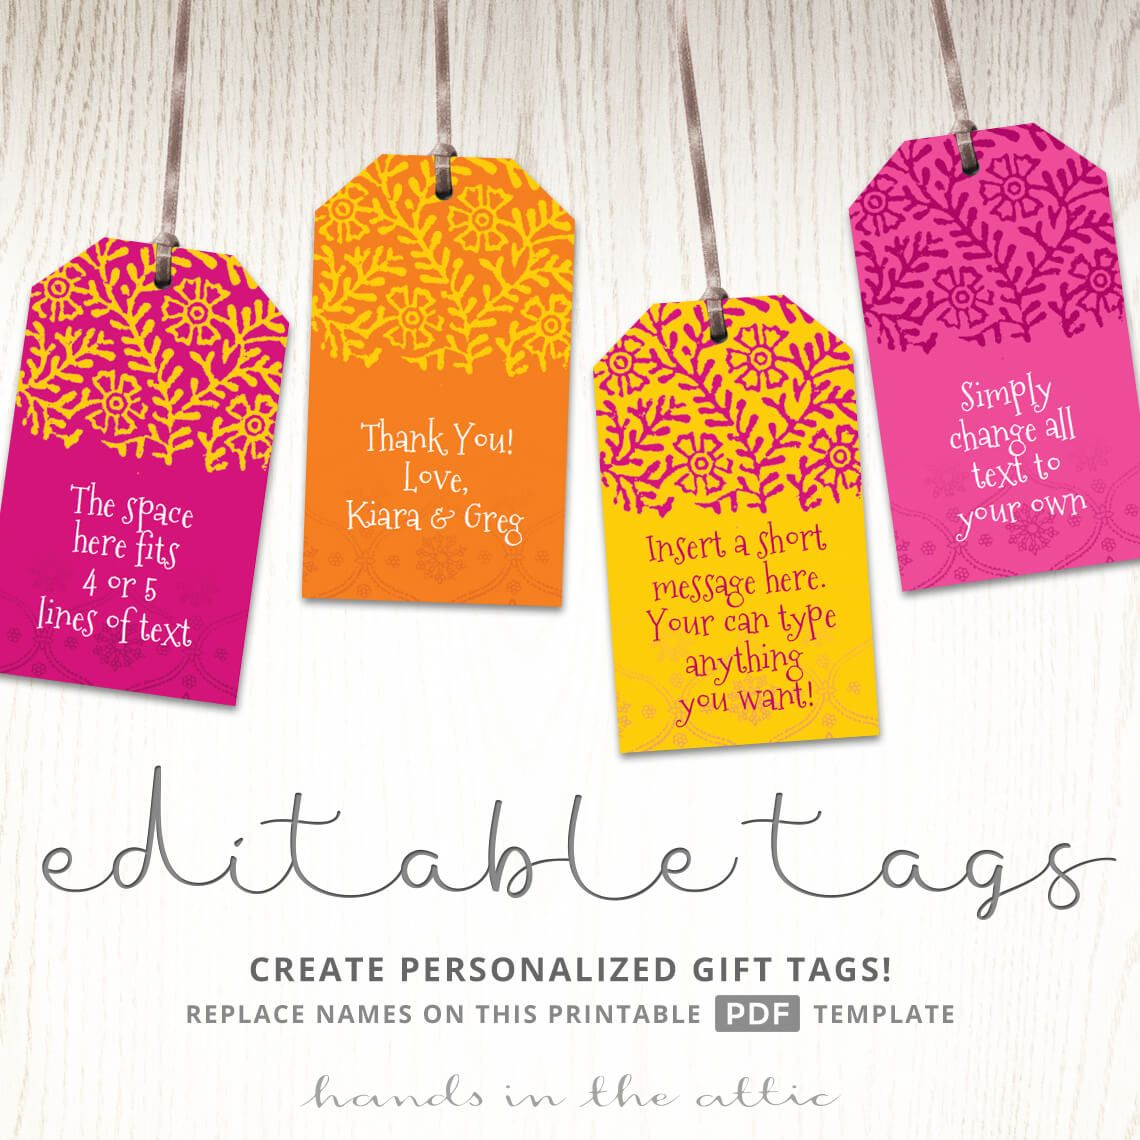 Free Printable Wedding Gift Tags: Printable Indian Wedding Gift Tags